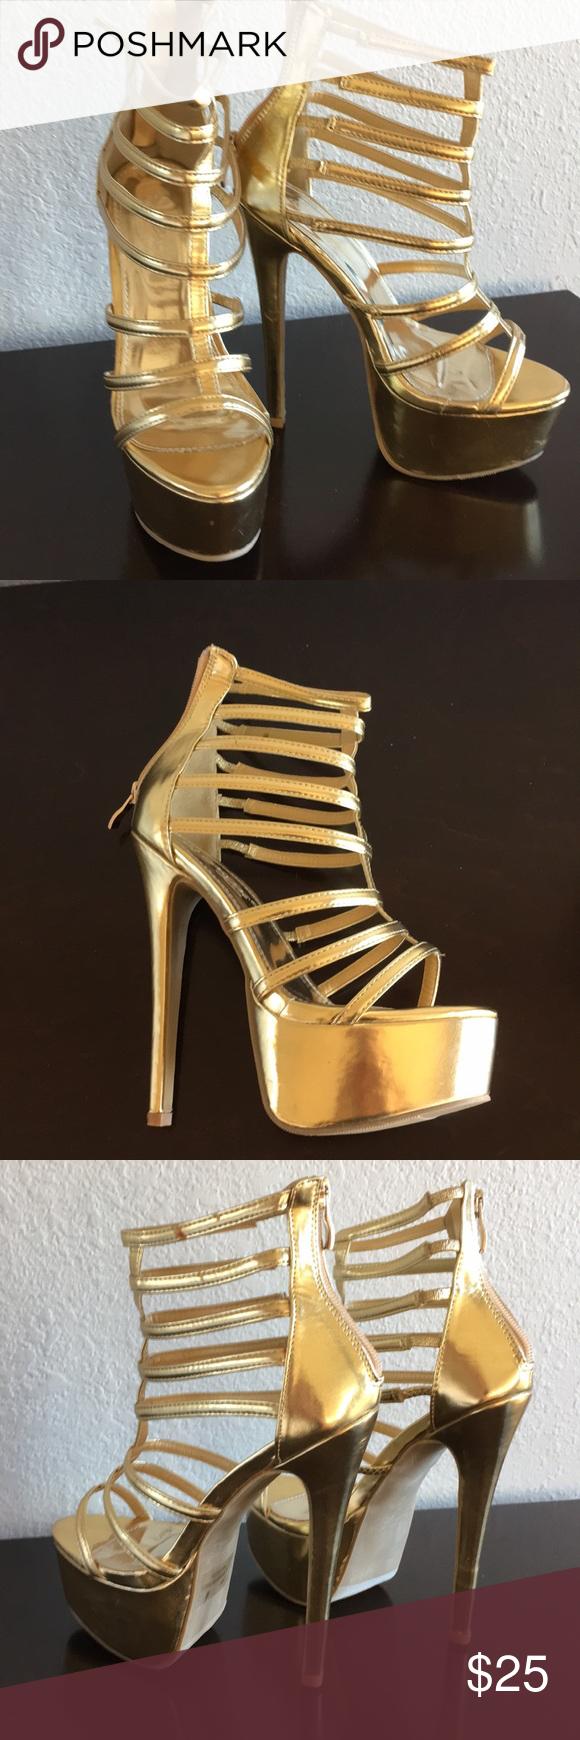 Gold Platform High Heeled Sandals Heels High Heel Sandals Platform High Heels